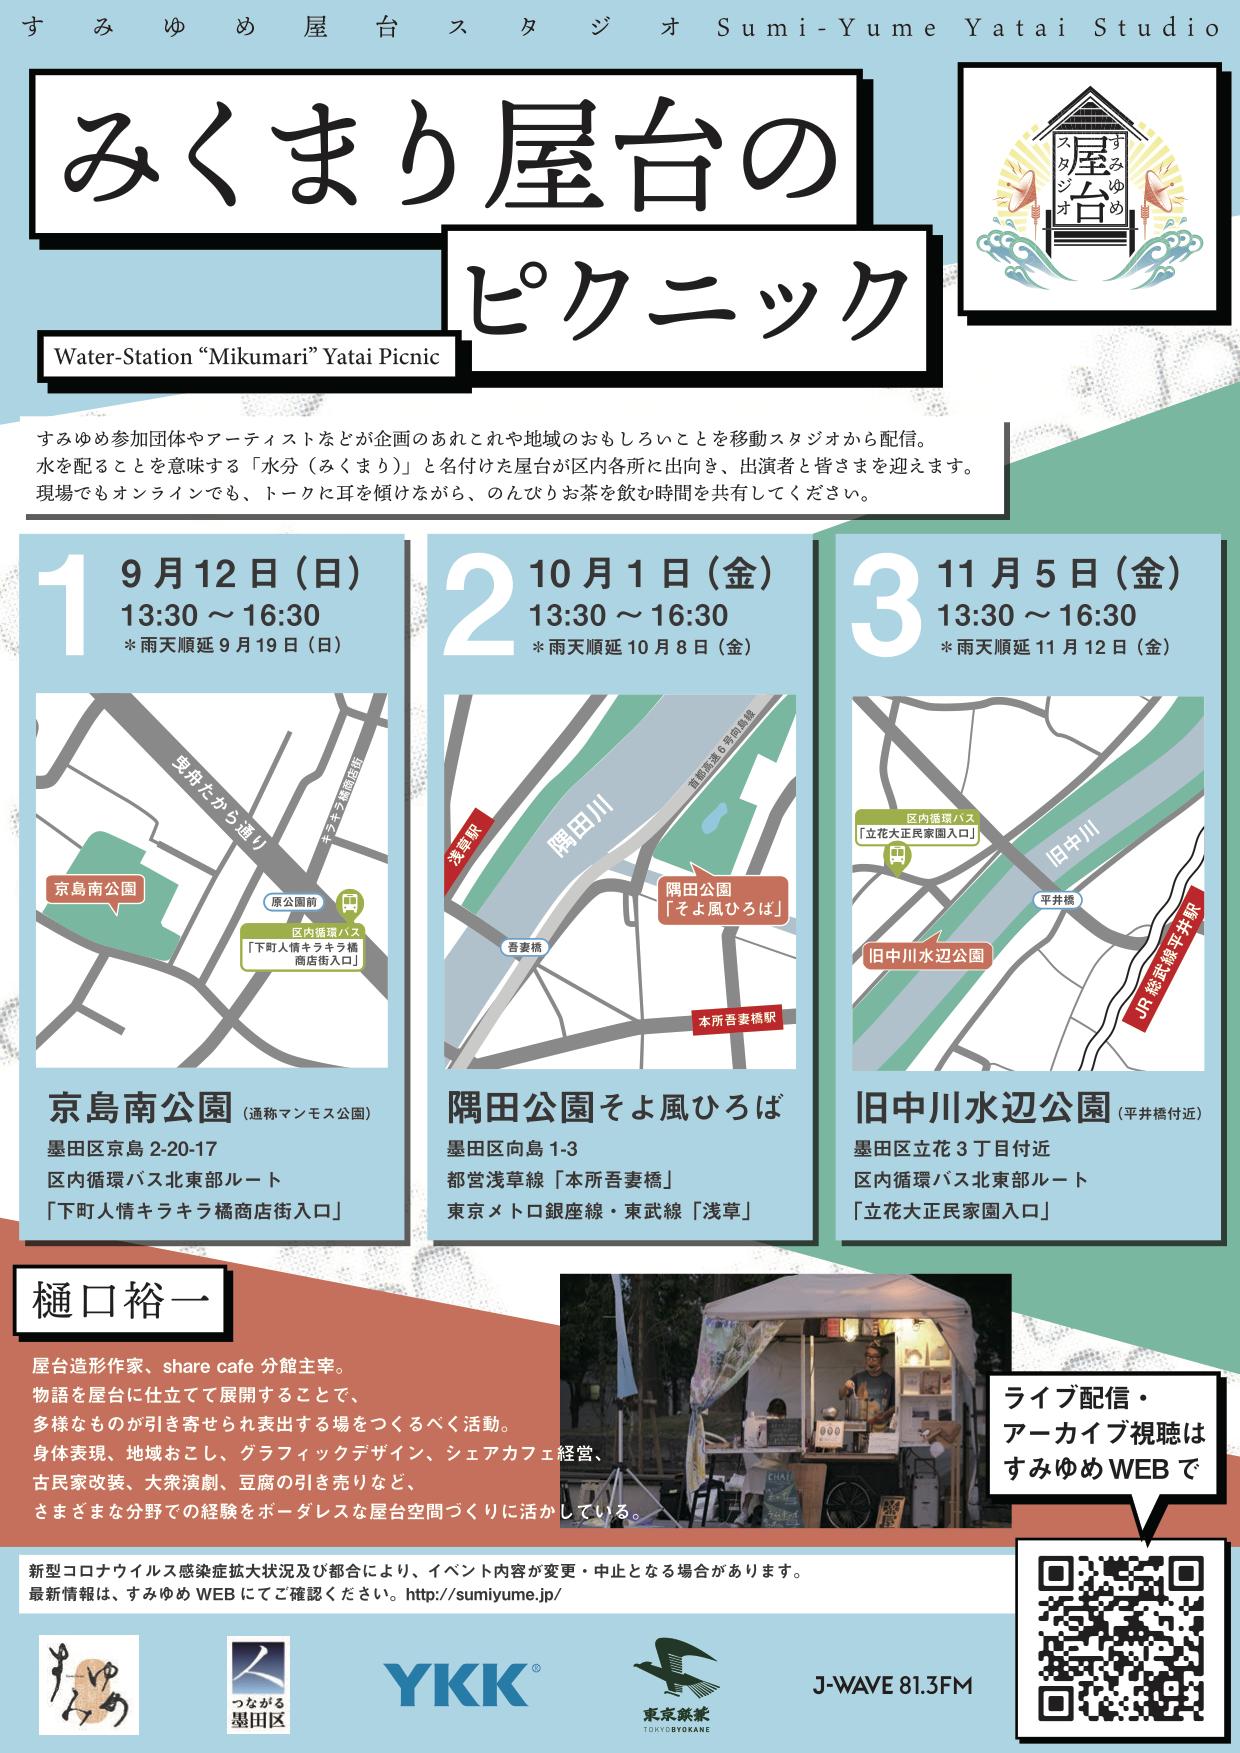 https://qublic.net/mikumari_pamph.jpg